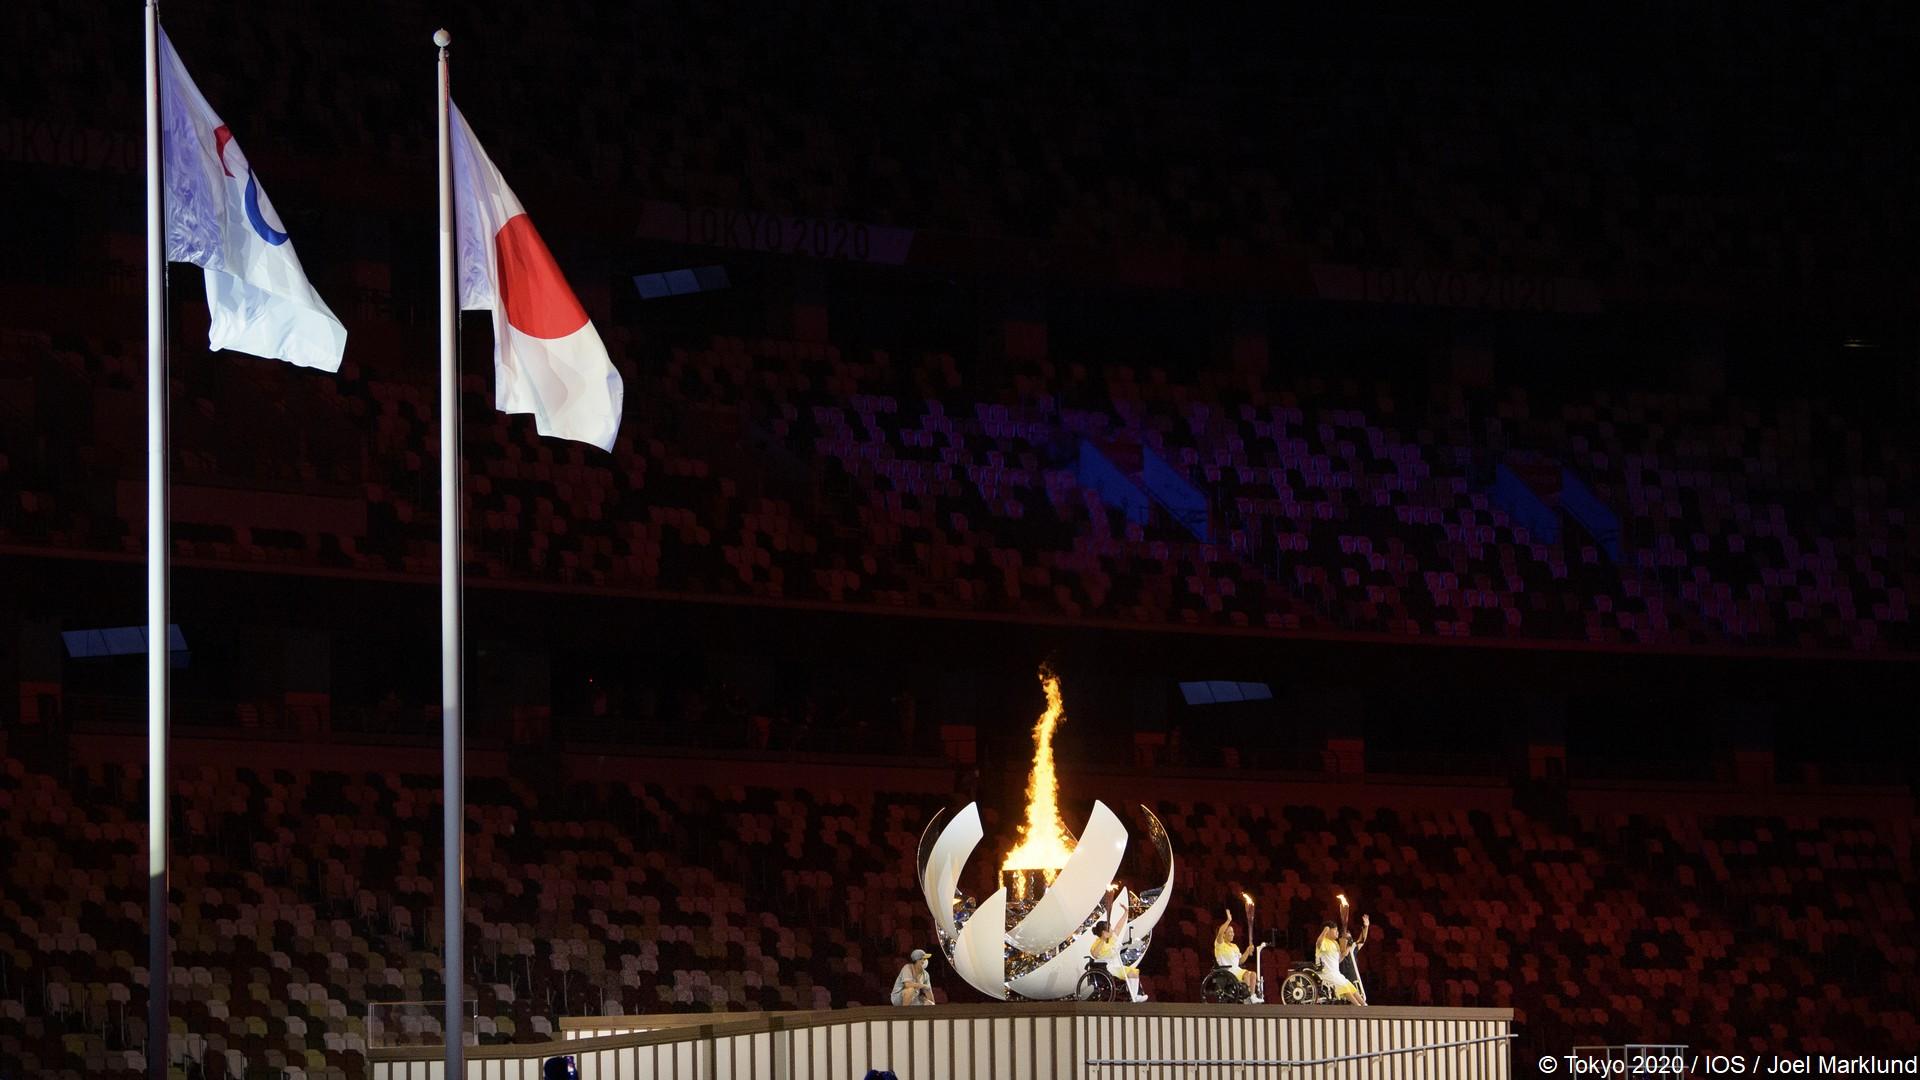 Tokyo 2020 – Paralympiques (9) Ceremonie ouverture